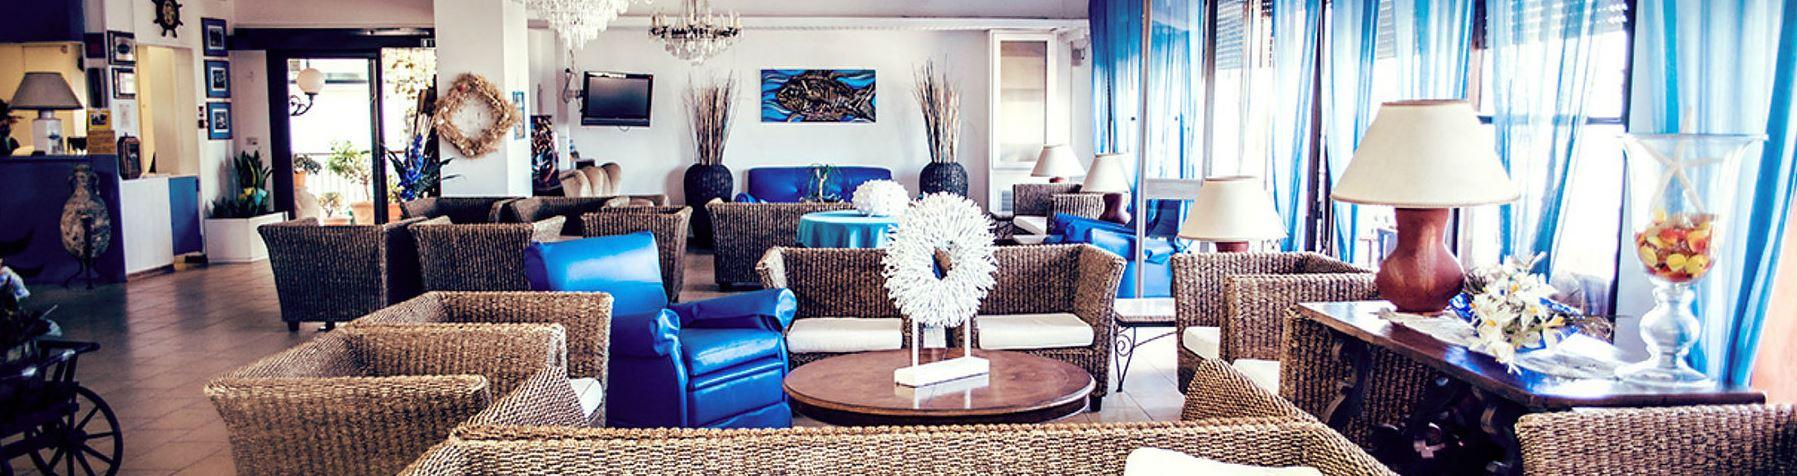 hotel_giorgetti